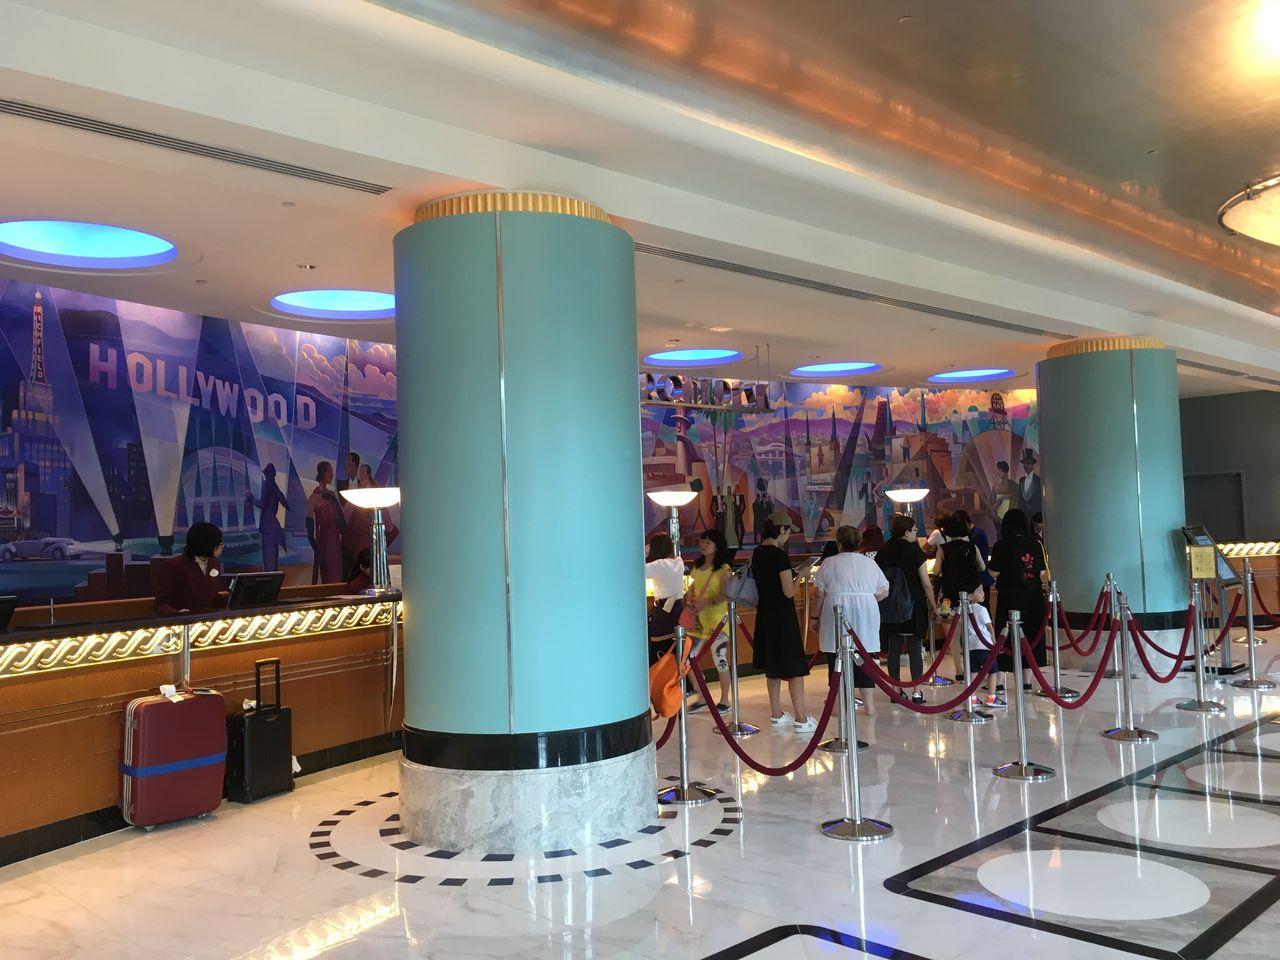 香港ディズニーランド旅行記(準備編その3〜ホテルの予約~) : 香港